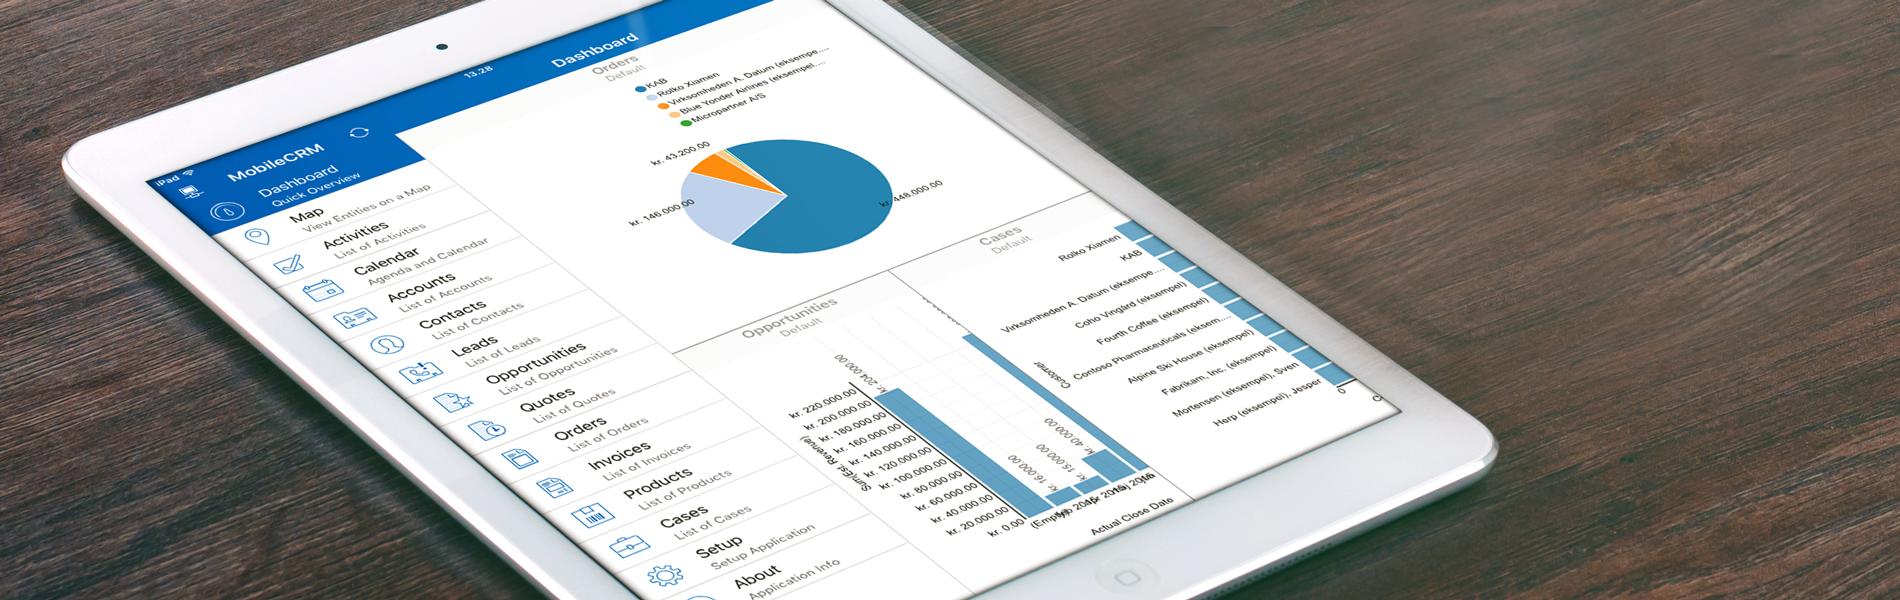 CRM dashboard Ipad